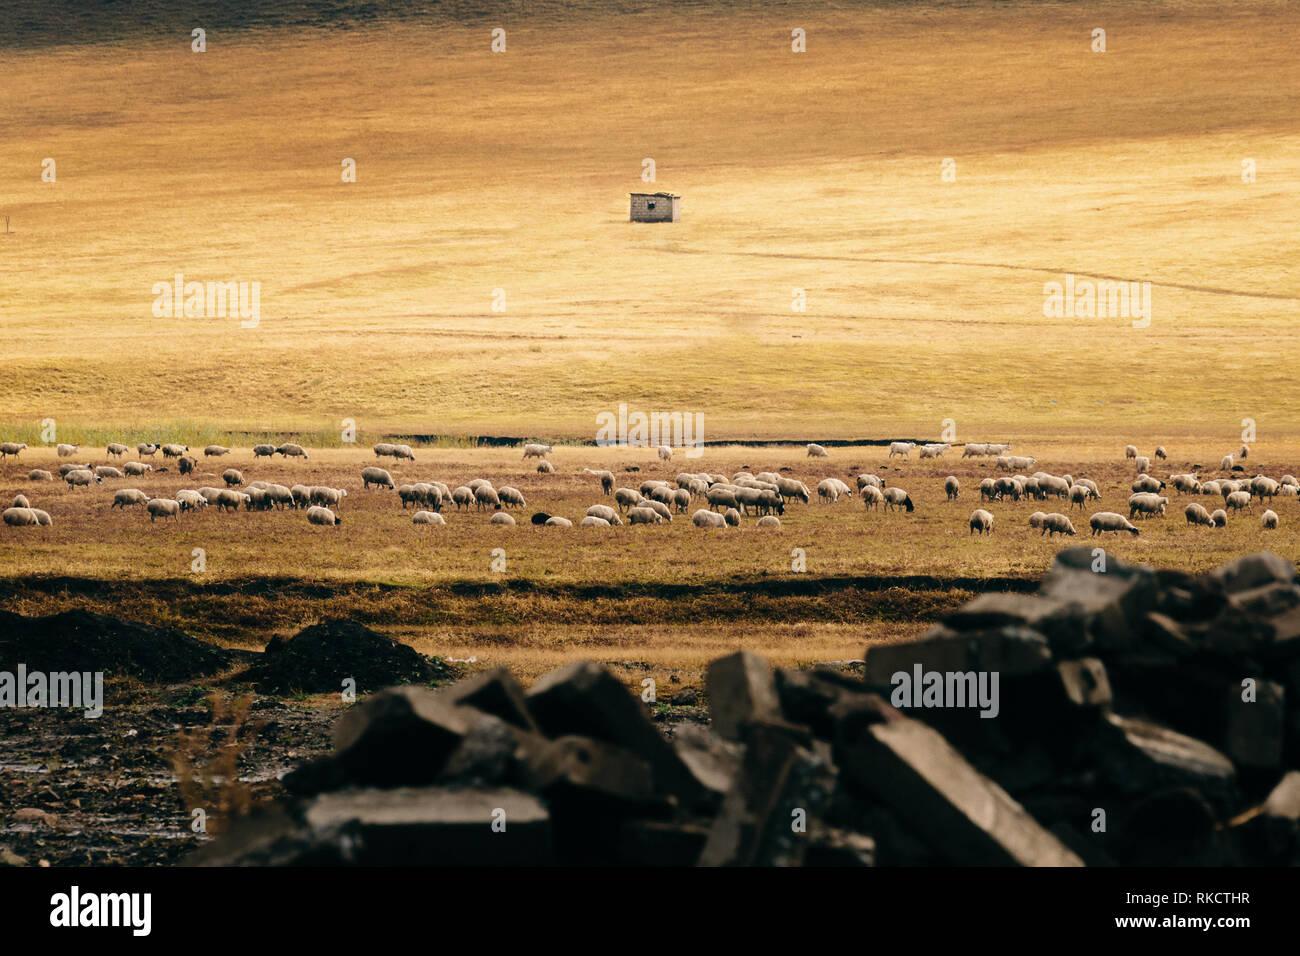 Campo de ovejas en Highland acantilados rocosos Finca hato verde hierba Hut animales salvajes en profundidad de campo. Foto de stock